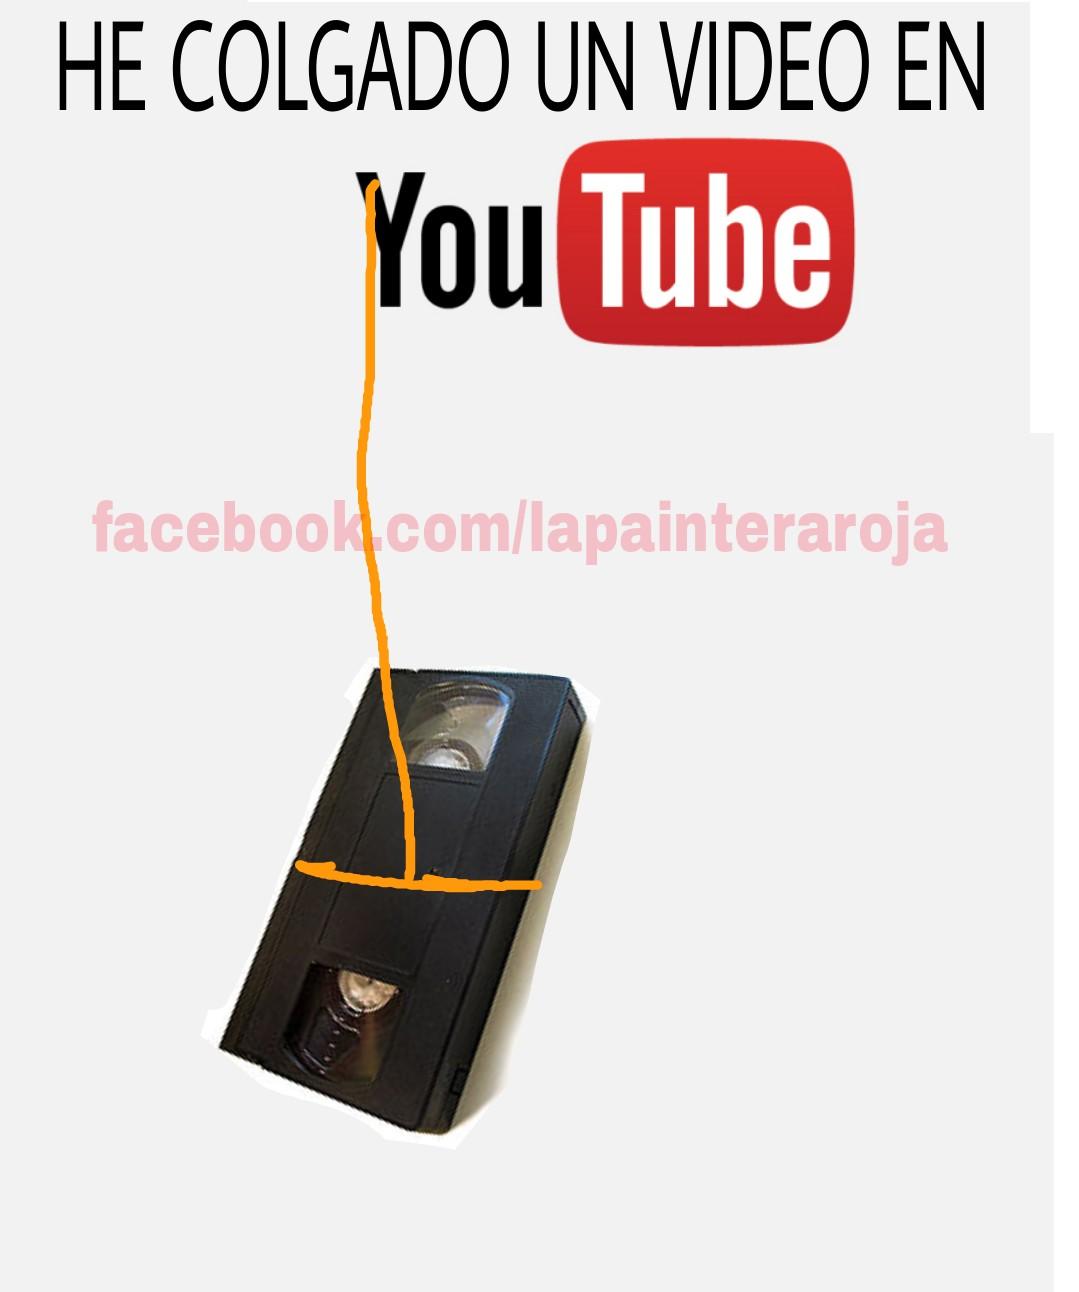 video colgao